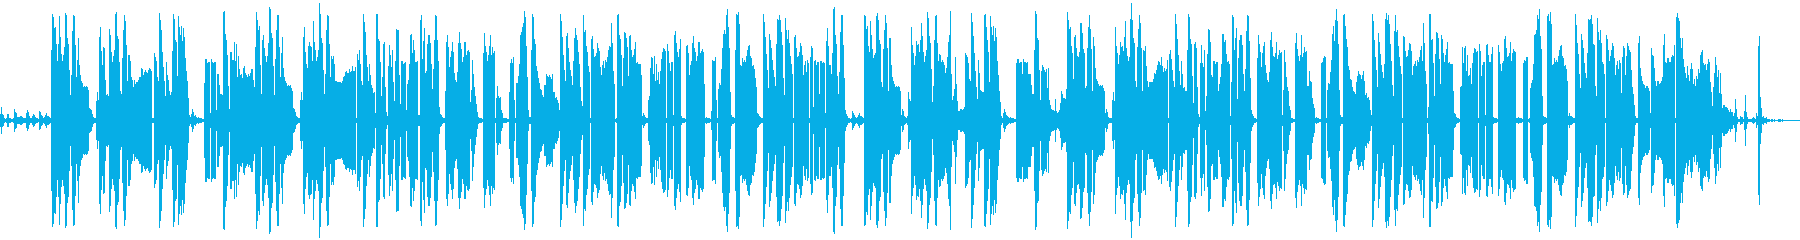 ジングルスメルズ(エクステンディッ...の再生済みの波形